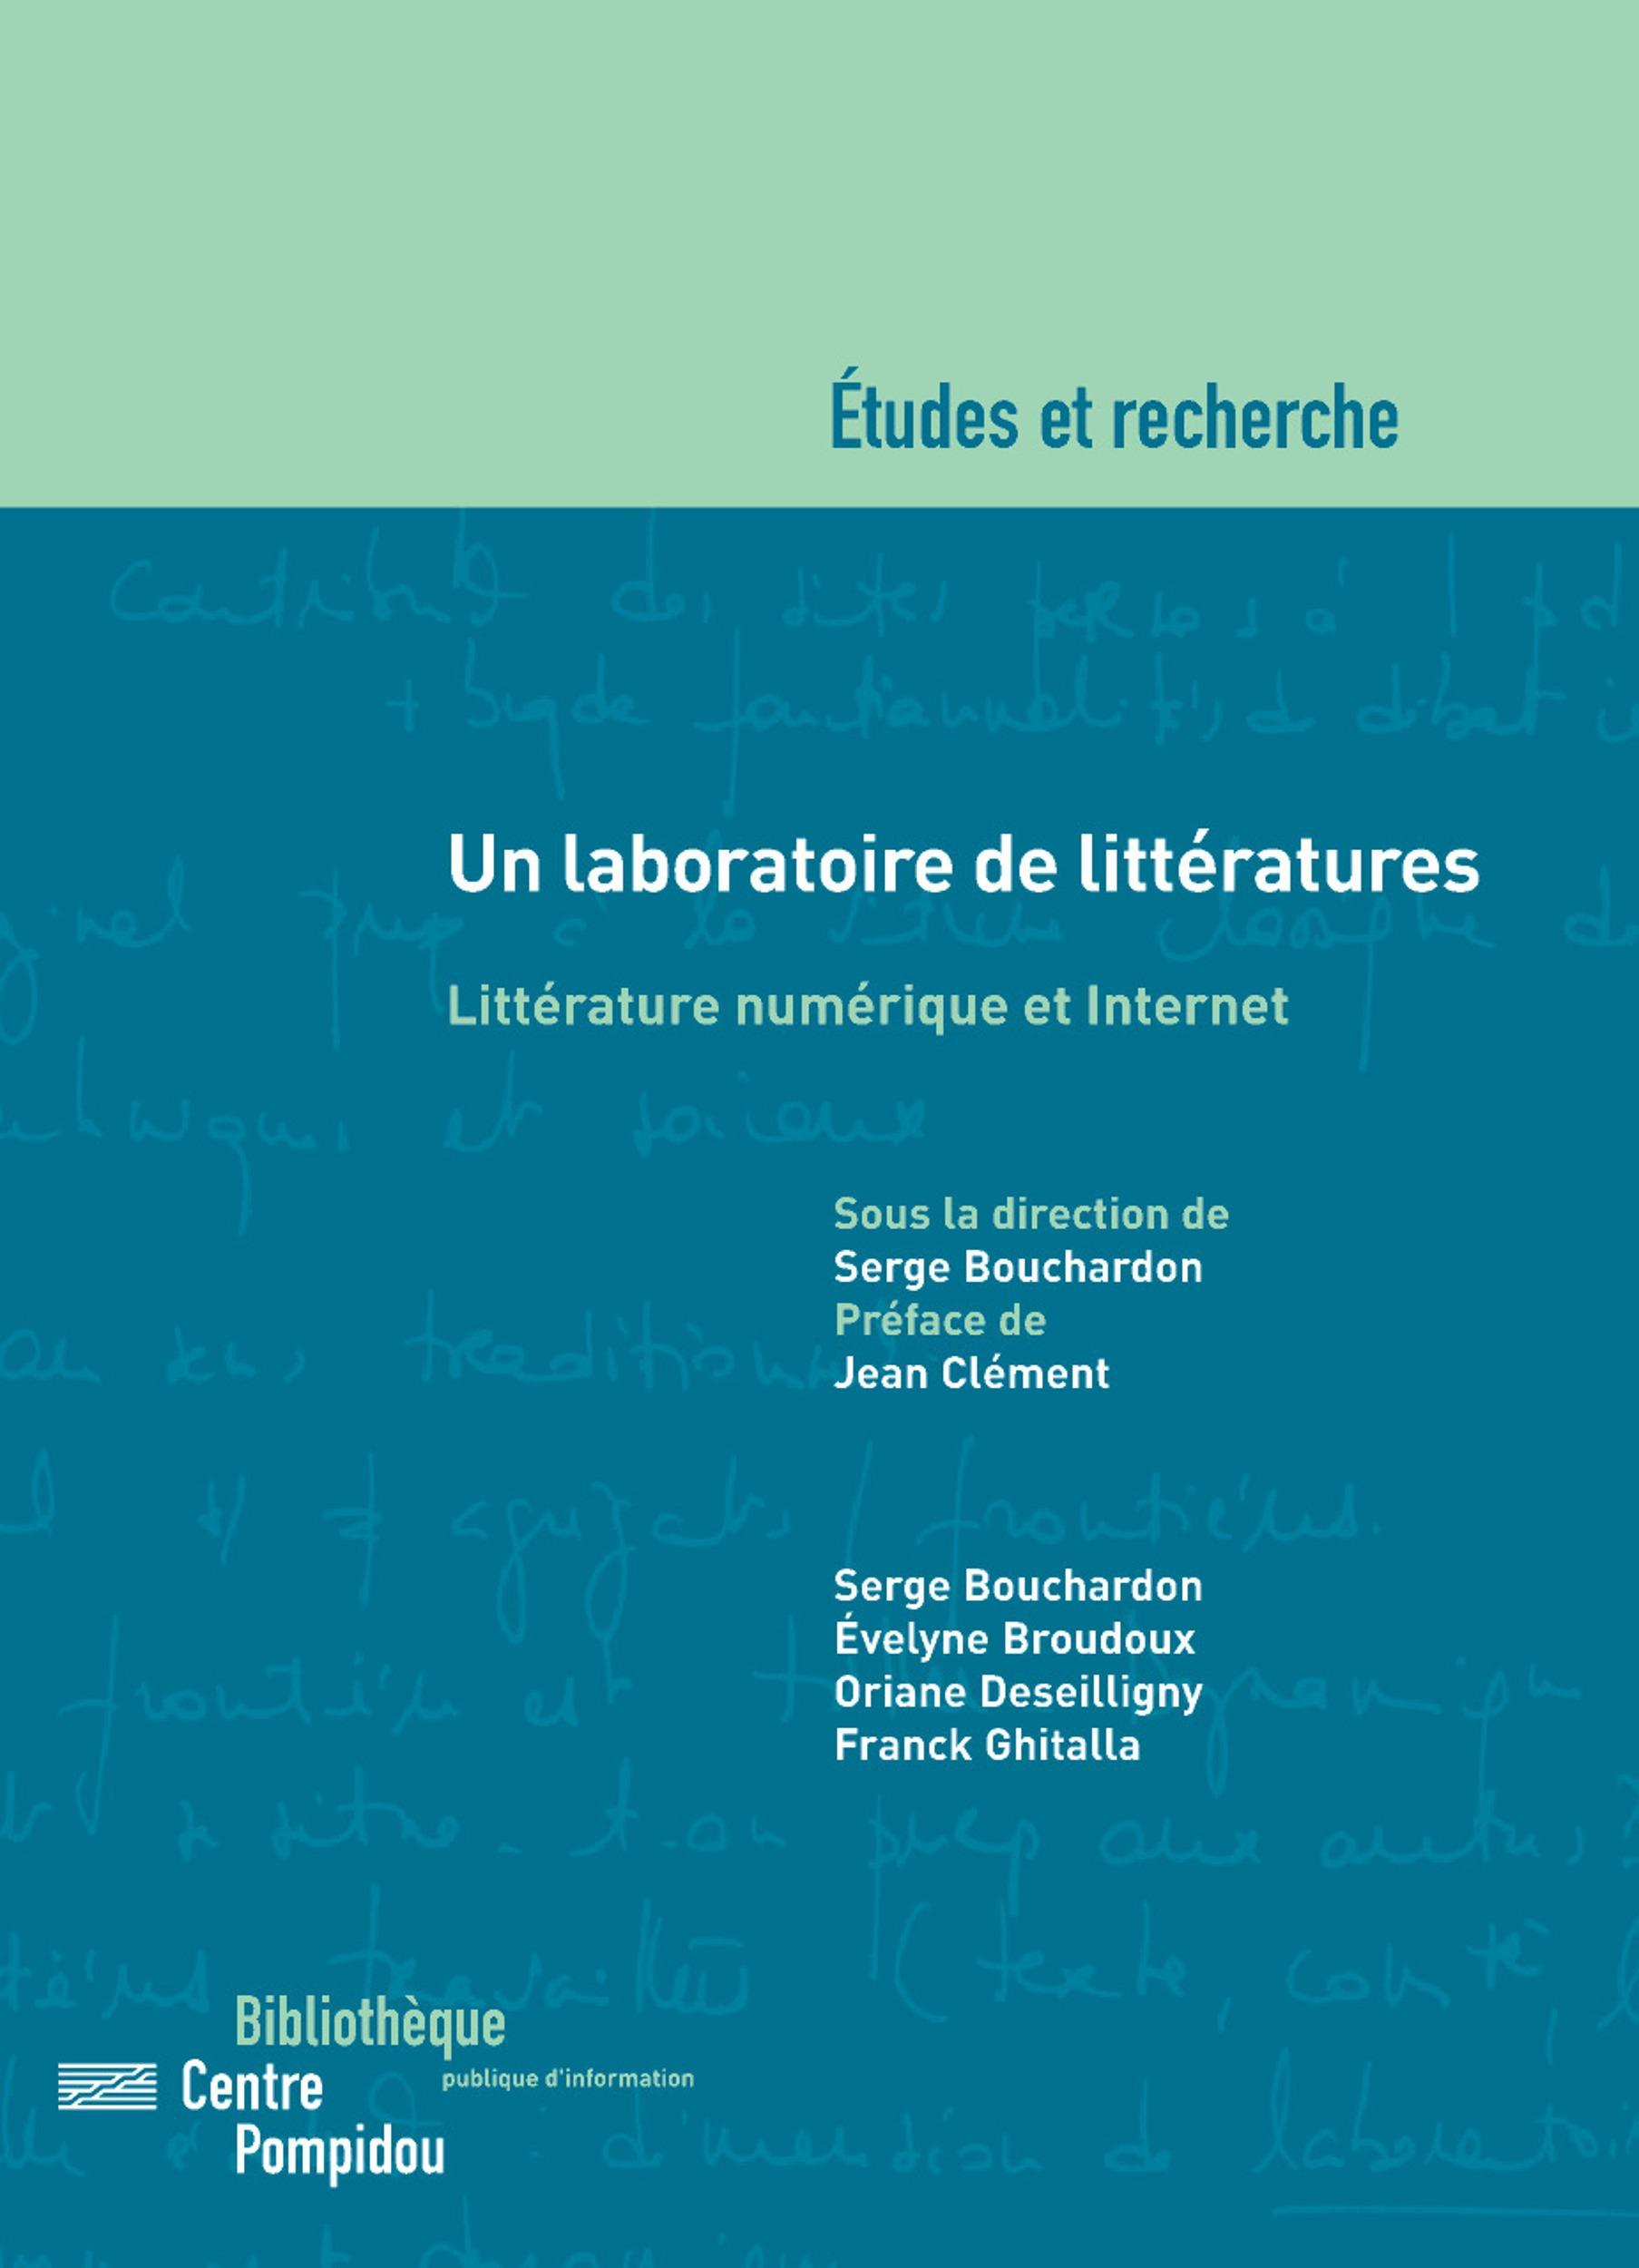 Un laboratoire de littératures ; littérature numérique et internet